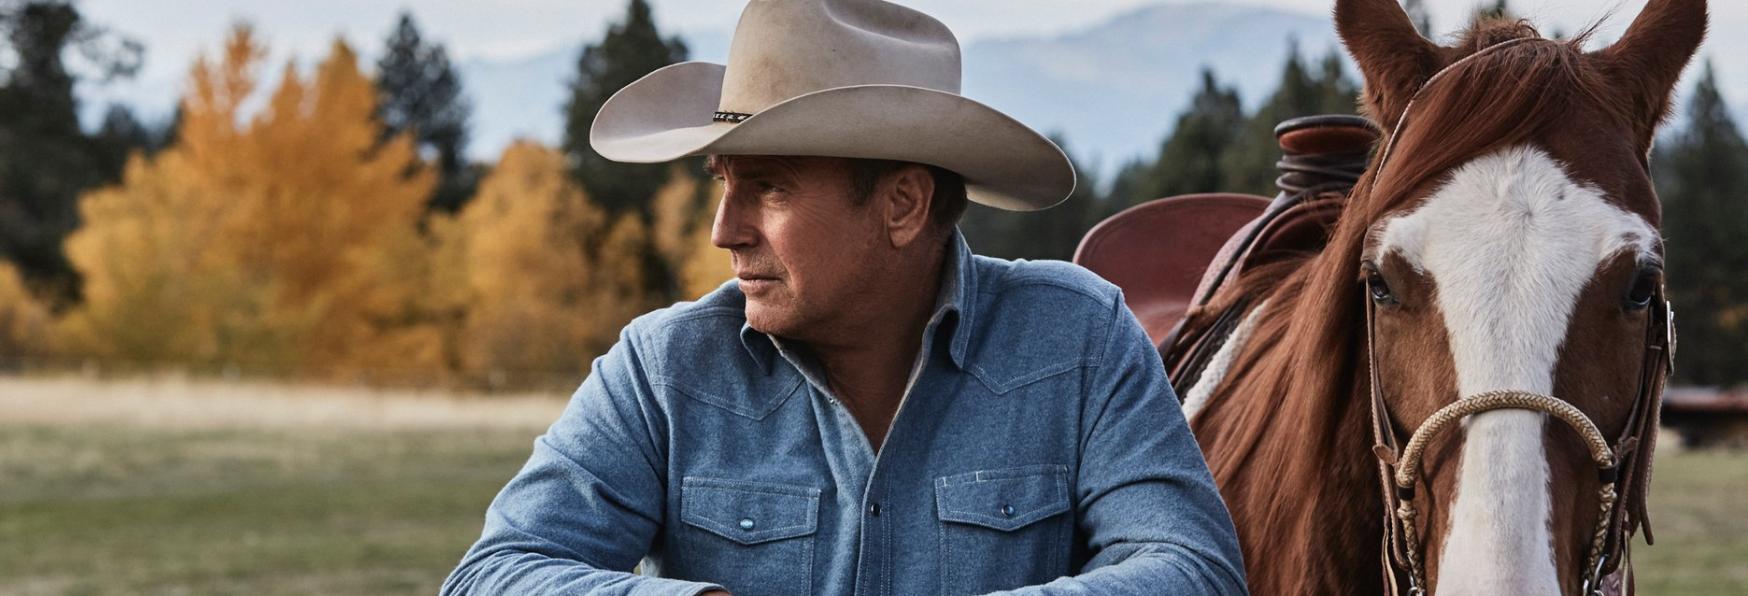 Yellowstone: Recensione dell'Episodio Pilota e Prime Impressioni sulla Serie TV